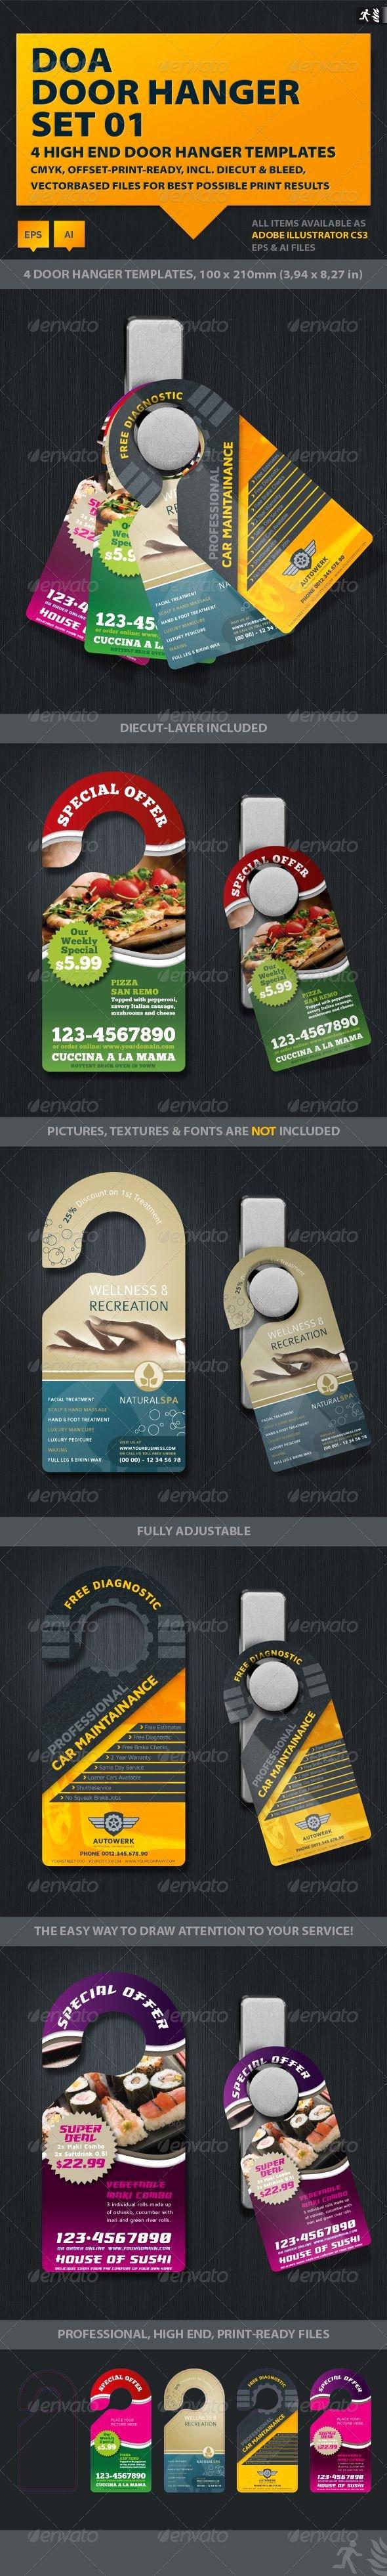 Door Hanger Template Illustrator Luxury Doa Door Hanger Set 01 Graphicriver Item for Sale